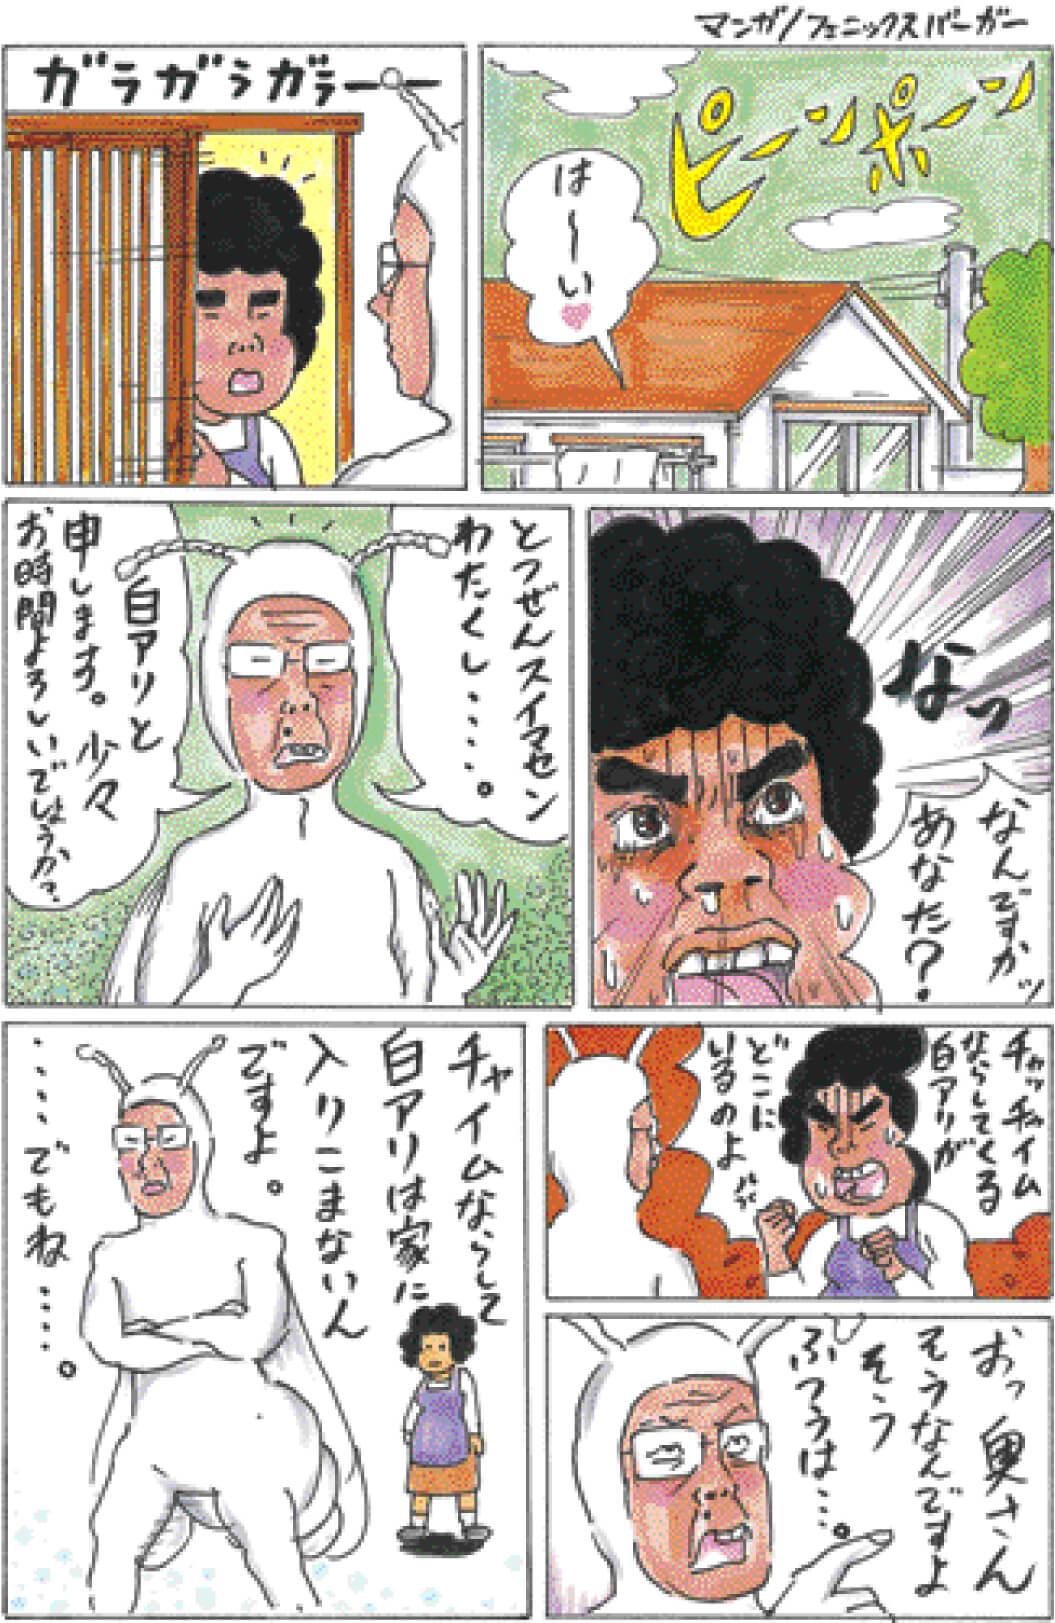 シロアリレスキュー隊 漫画/フェニックスバーガー ピンポーン はーい